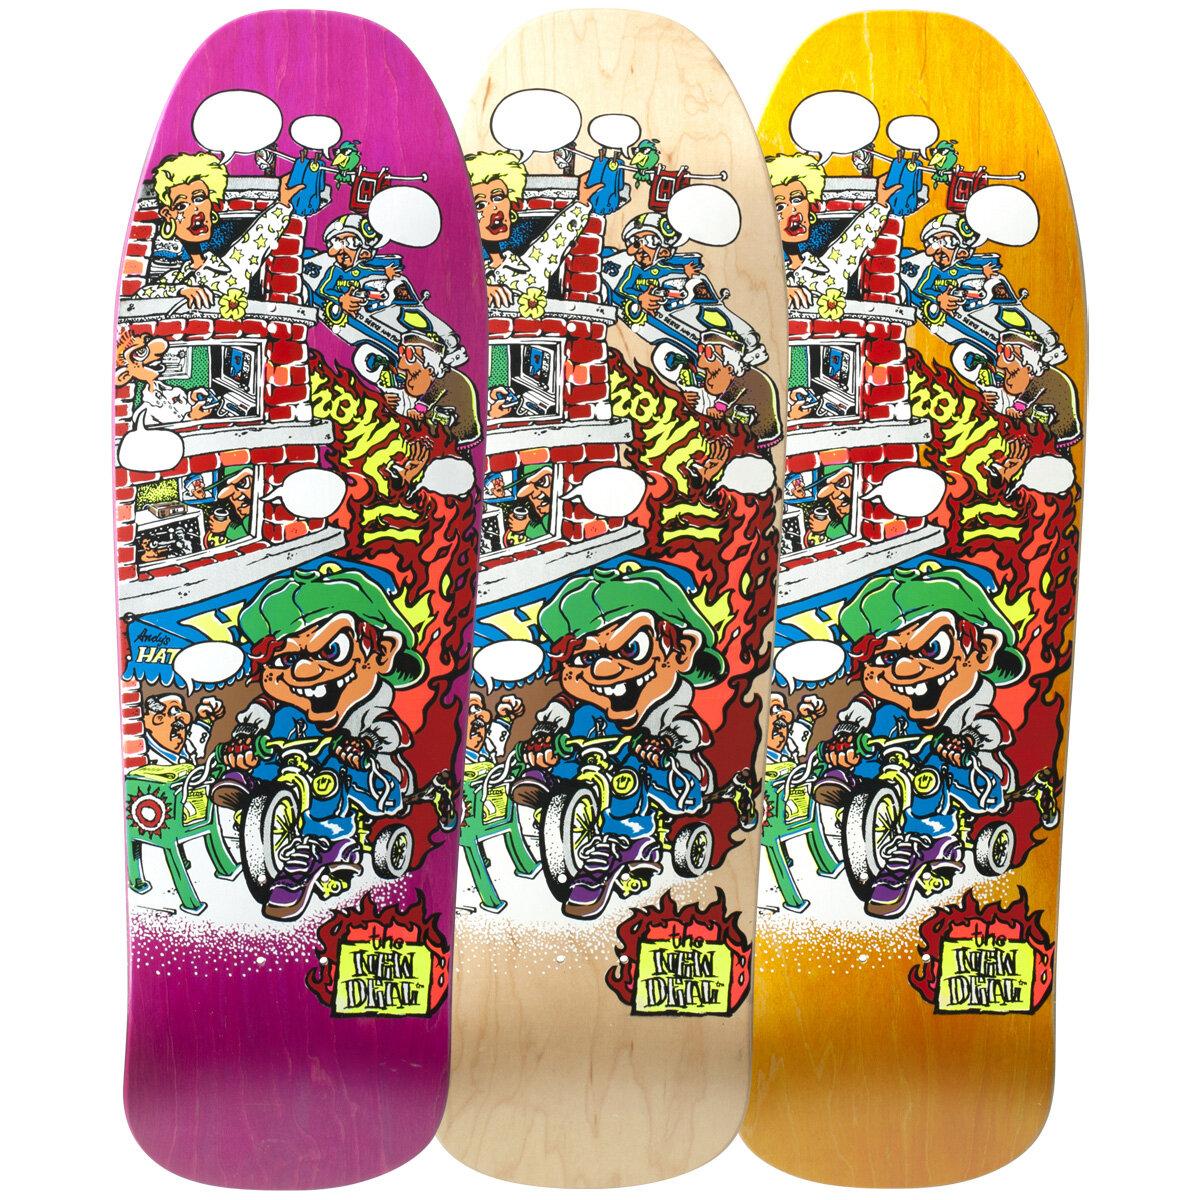 New_Deal_Skateboards_Andy_Howel_Tricycle_Kid_screen_printed_deck.jpg